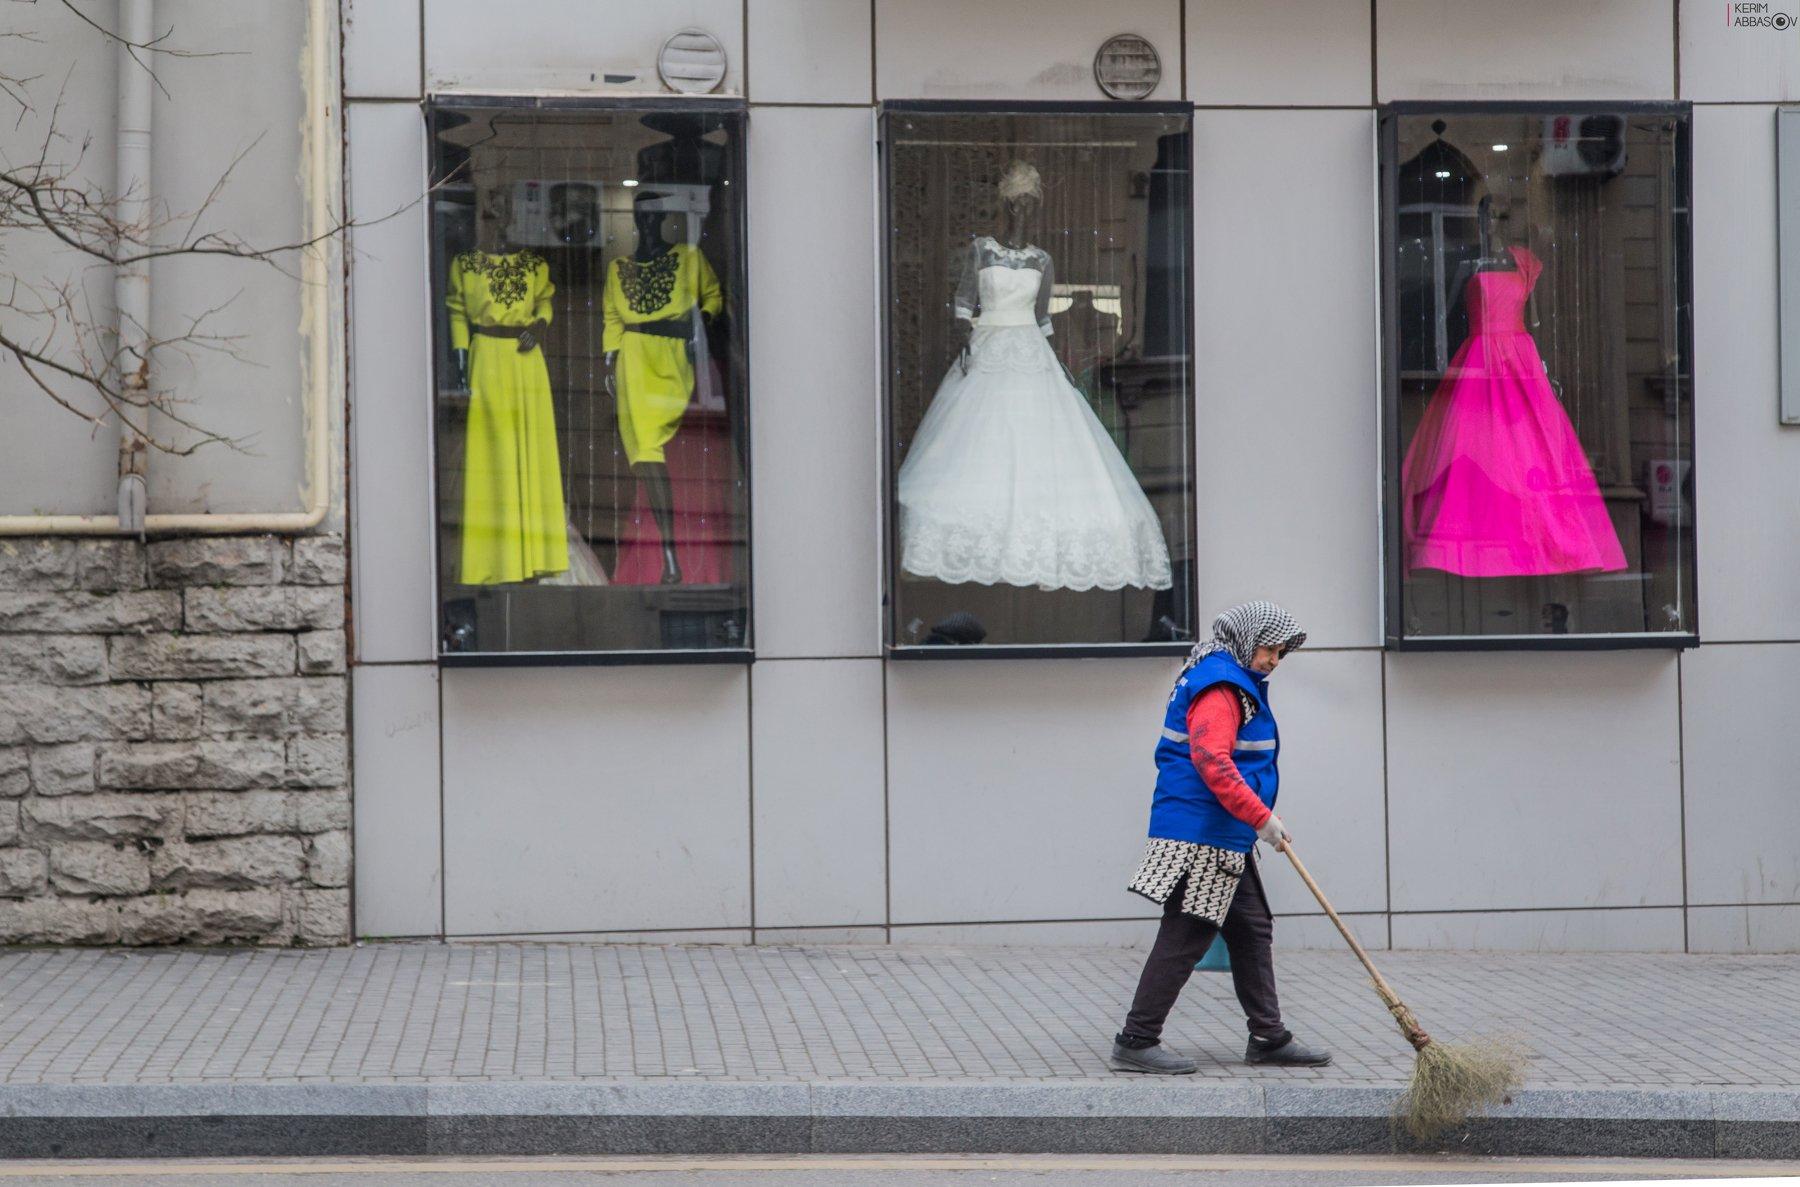 baku azerbaijan street, Керим Аббасов